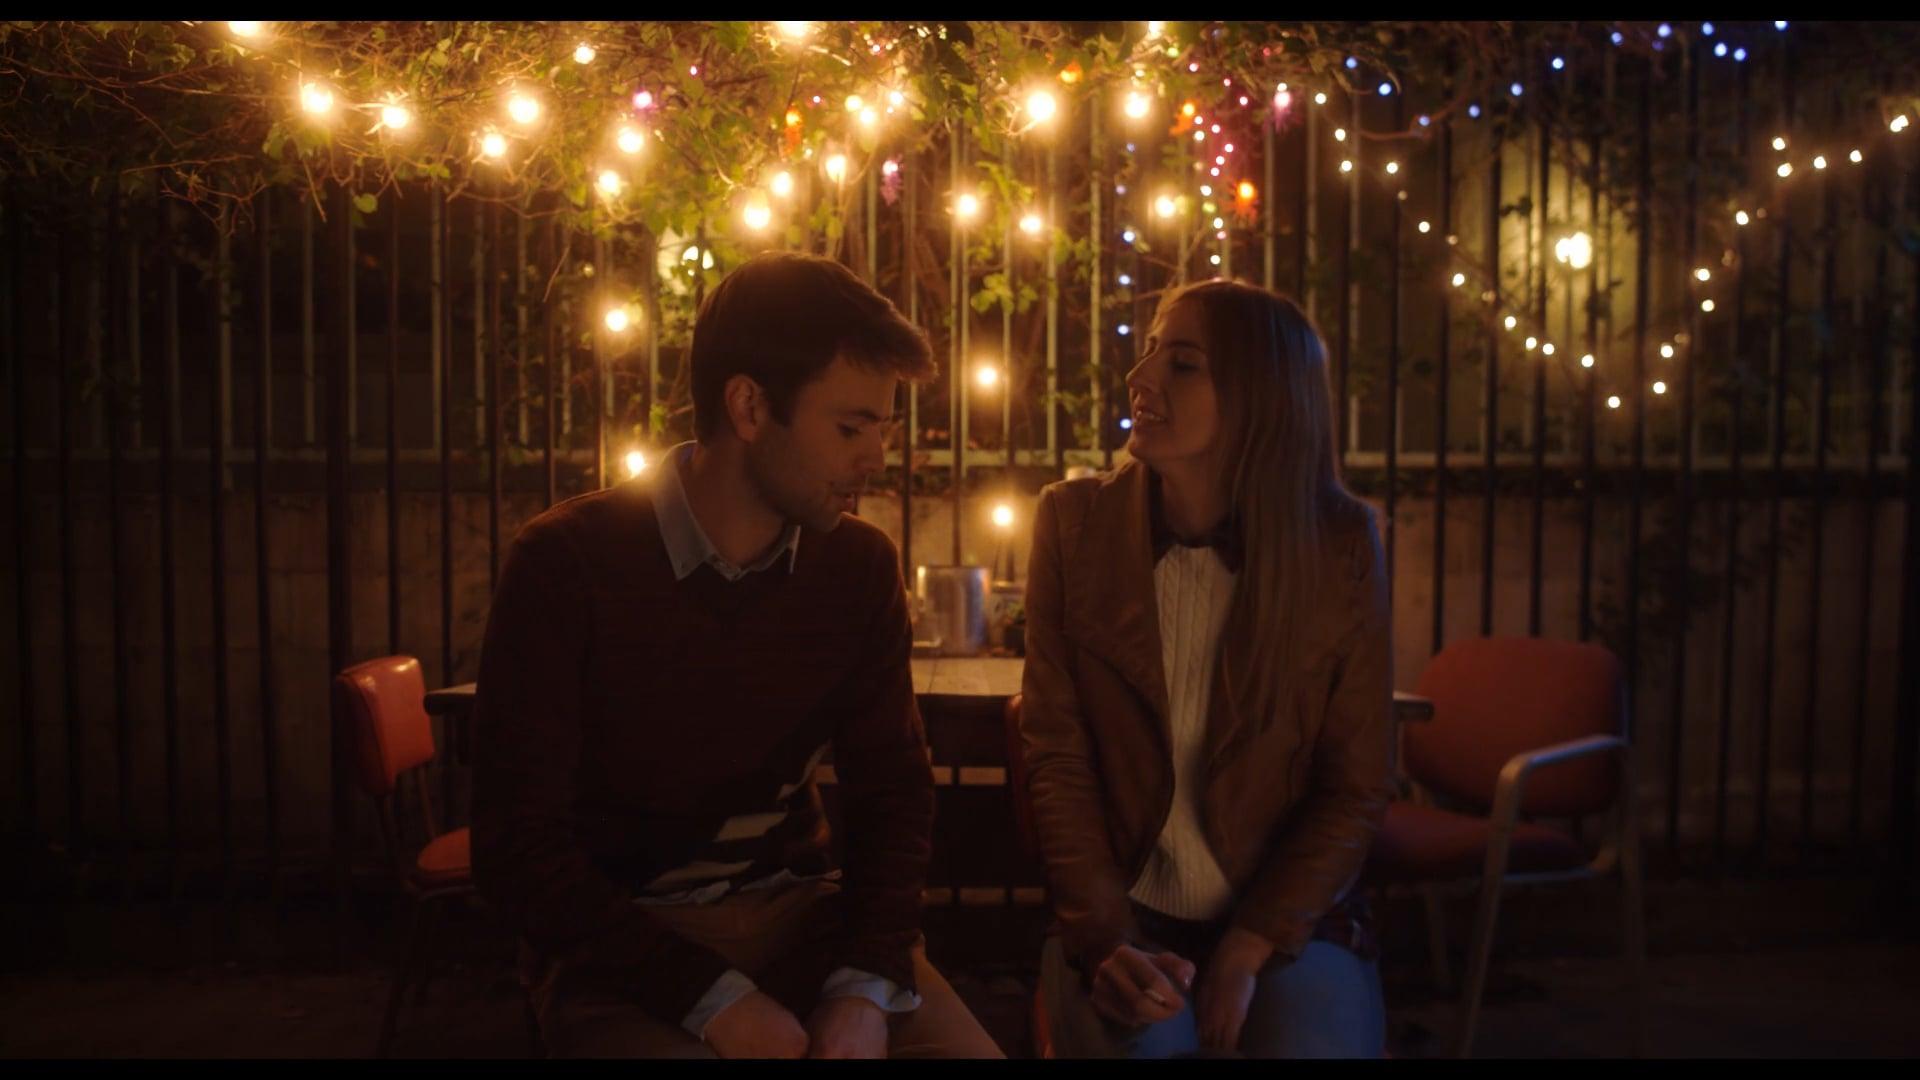 Moments Gone - Short Film (2017)